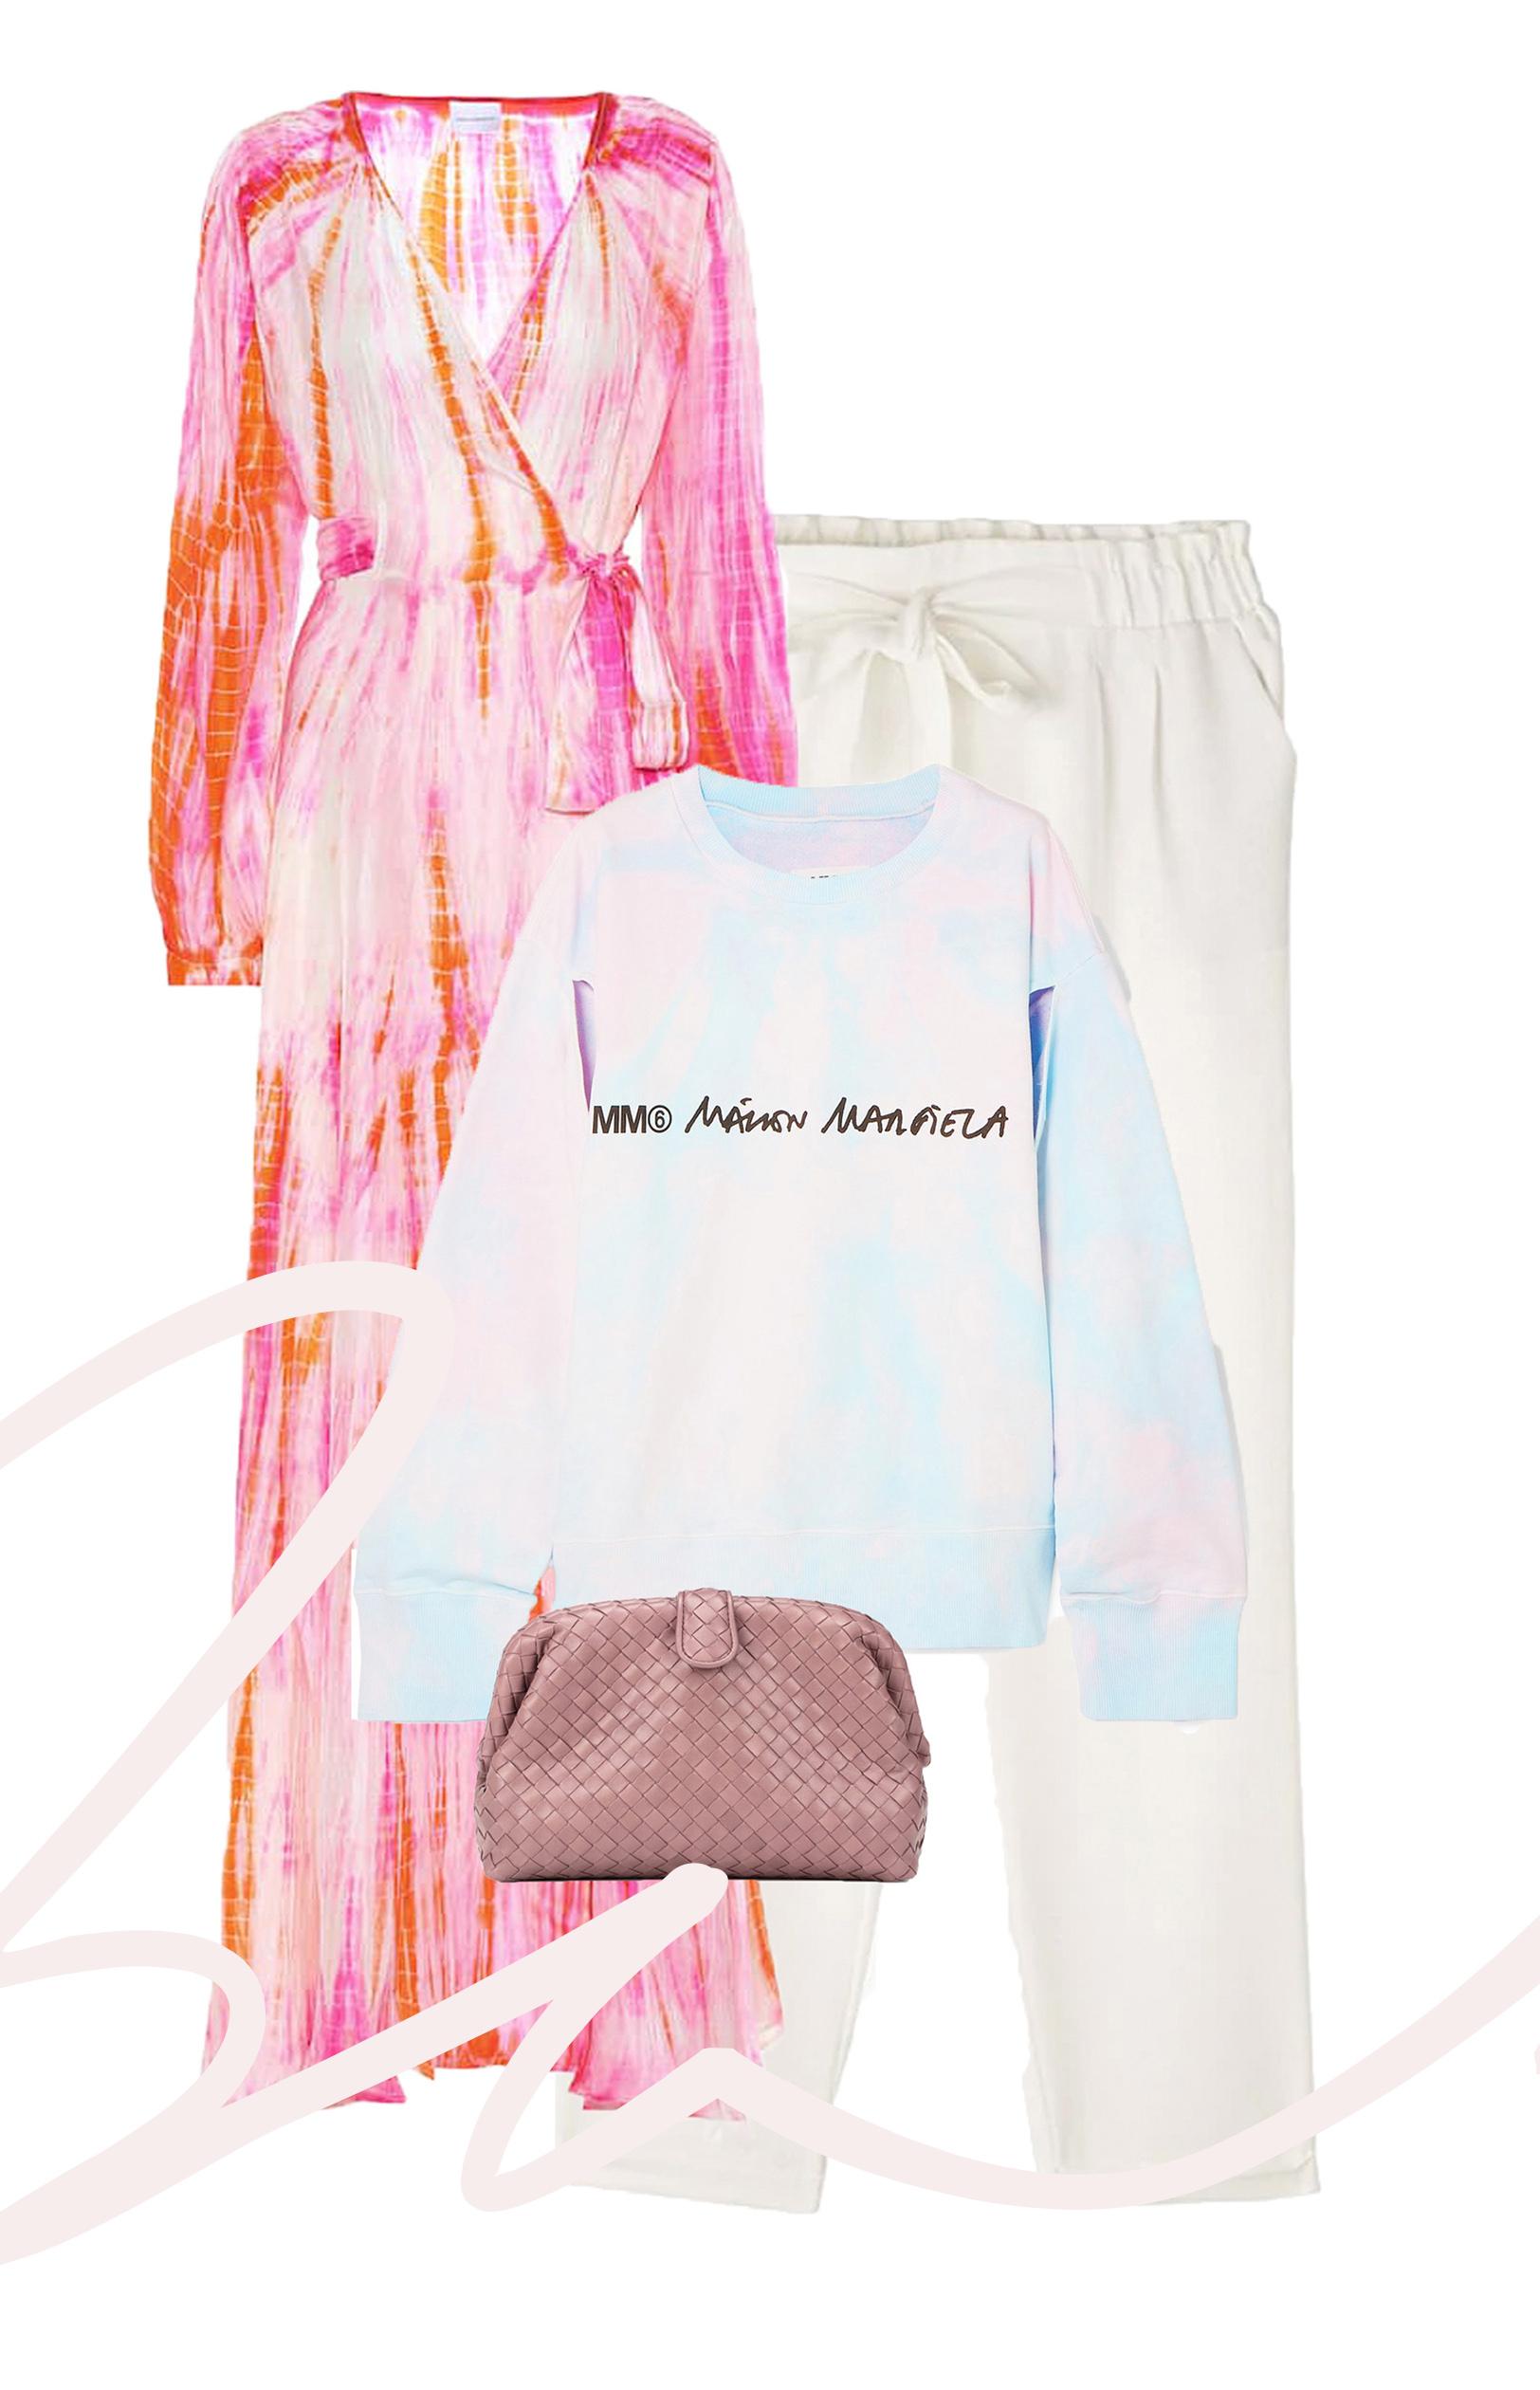 batik ist wiedewr Trend 2019- sie schönsten Batik Kleidungsstücke für euren Schrank